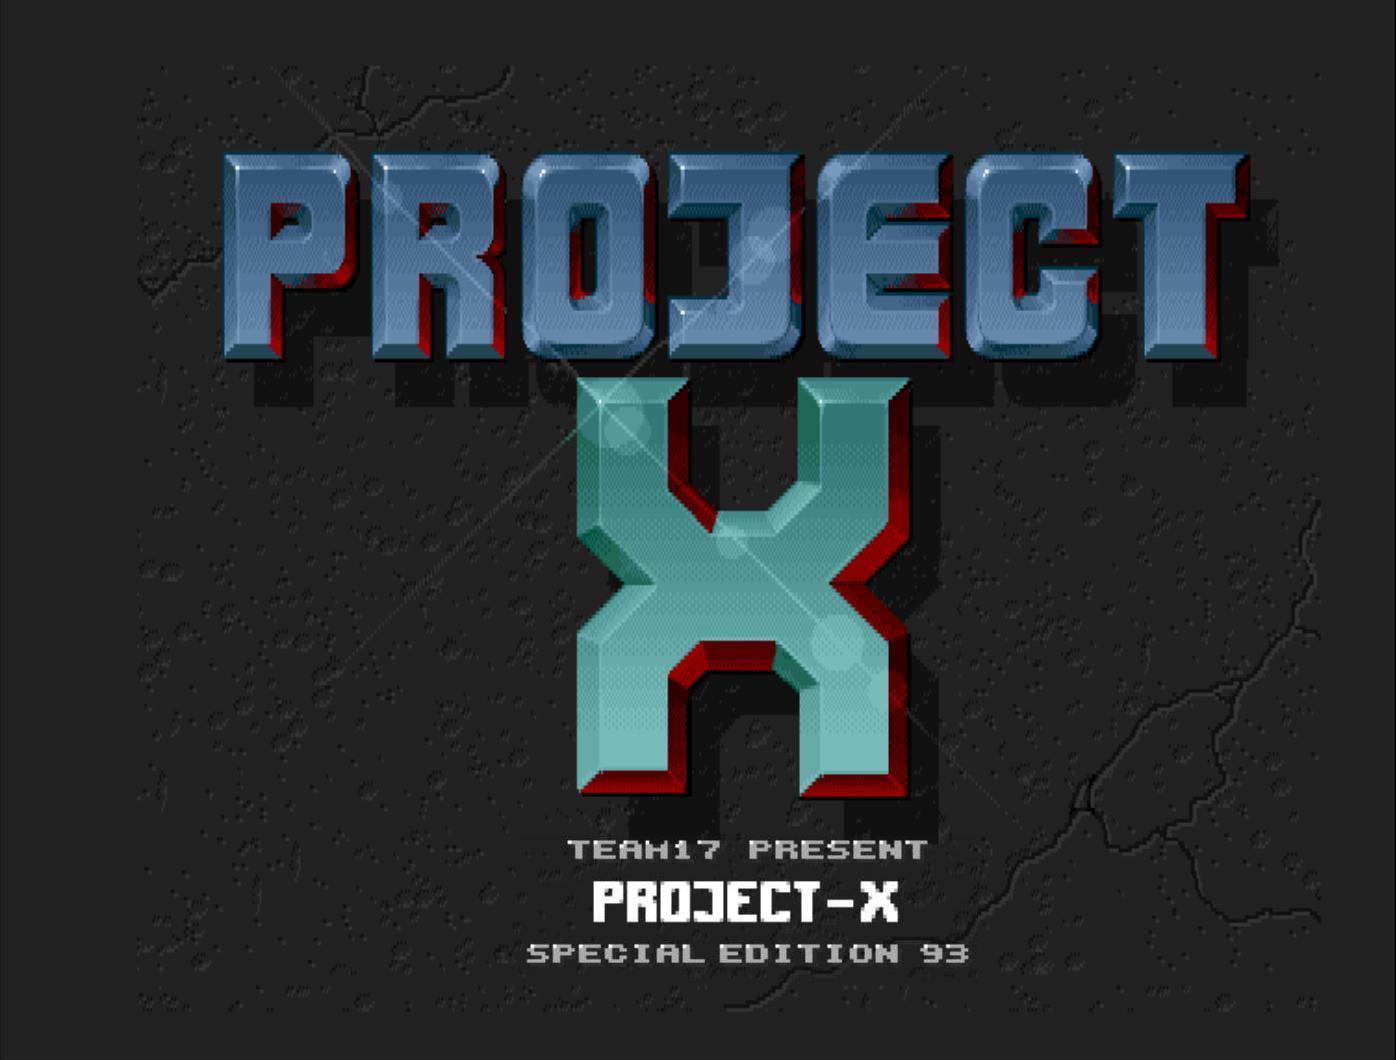 Concours du mois (mai 2020) - Project-X (special édition) - Team 17